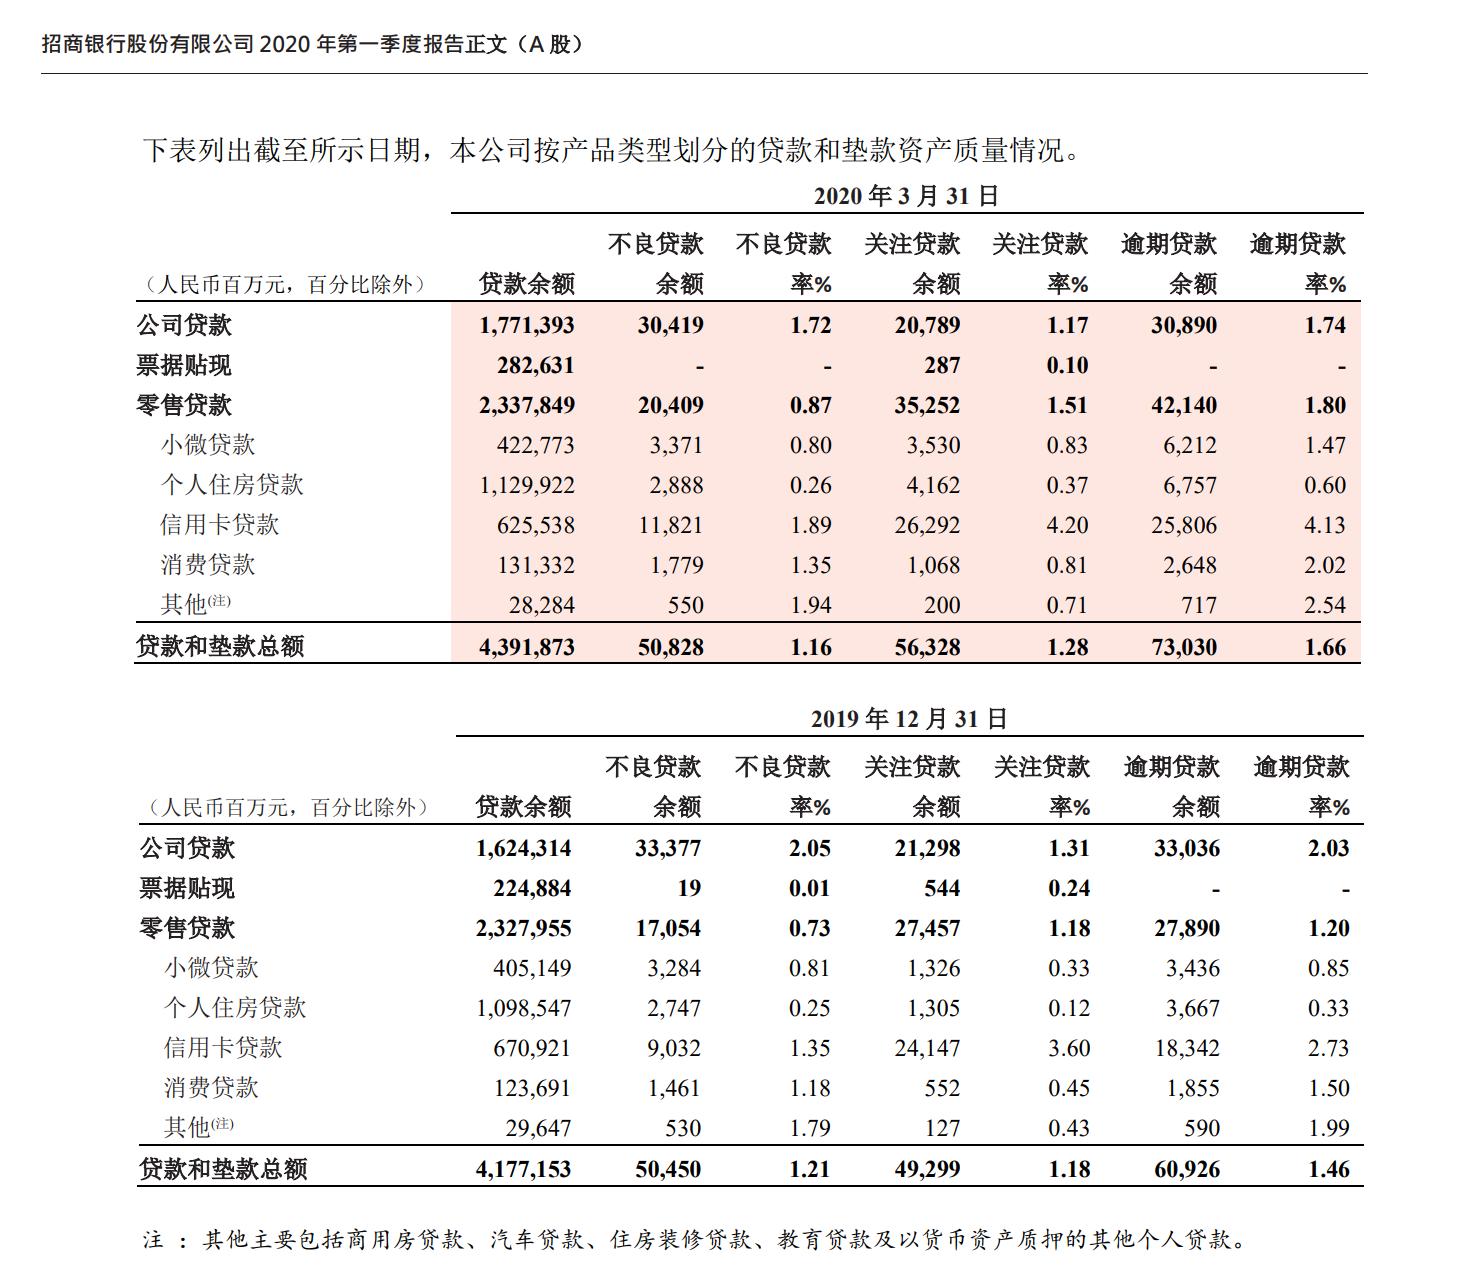 招商银行副行长王良:今年银行业面临的利润增长压力非常大